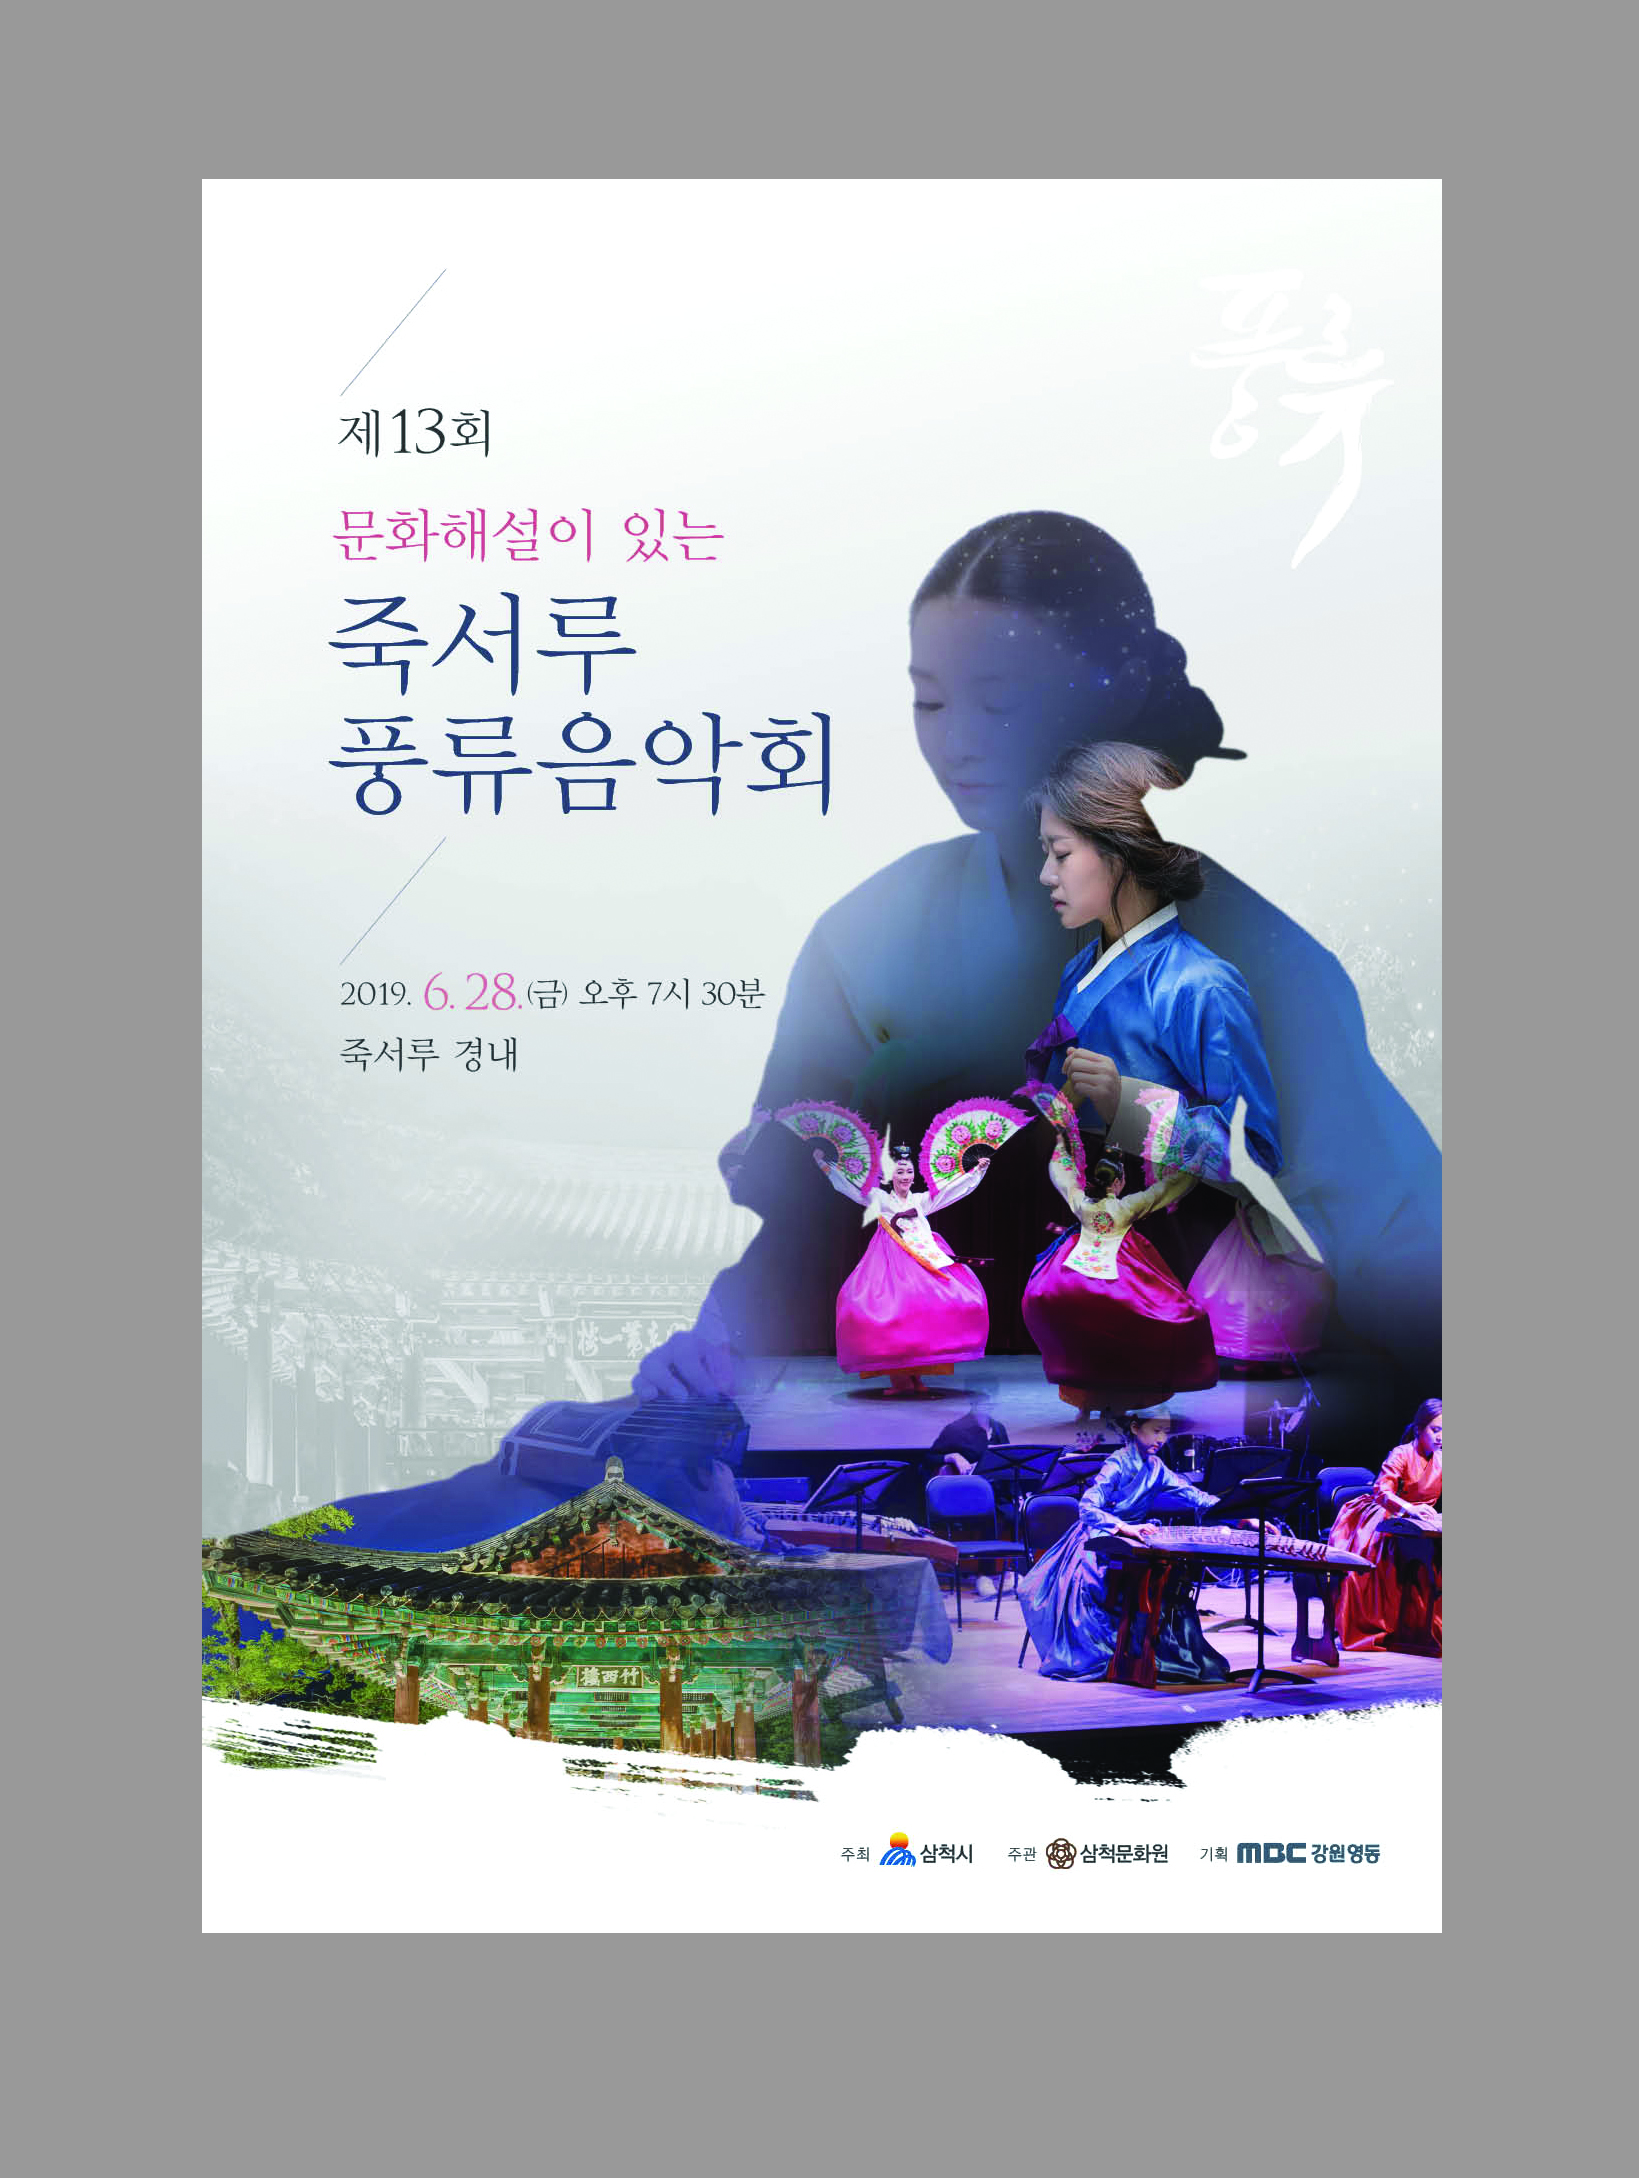 제13회 죽서루 풍류음악회